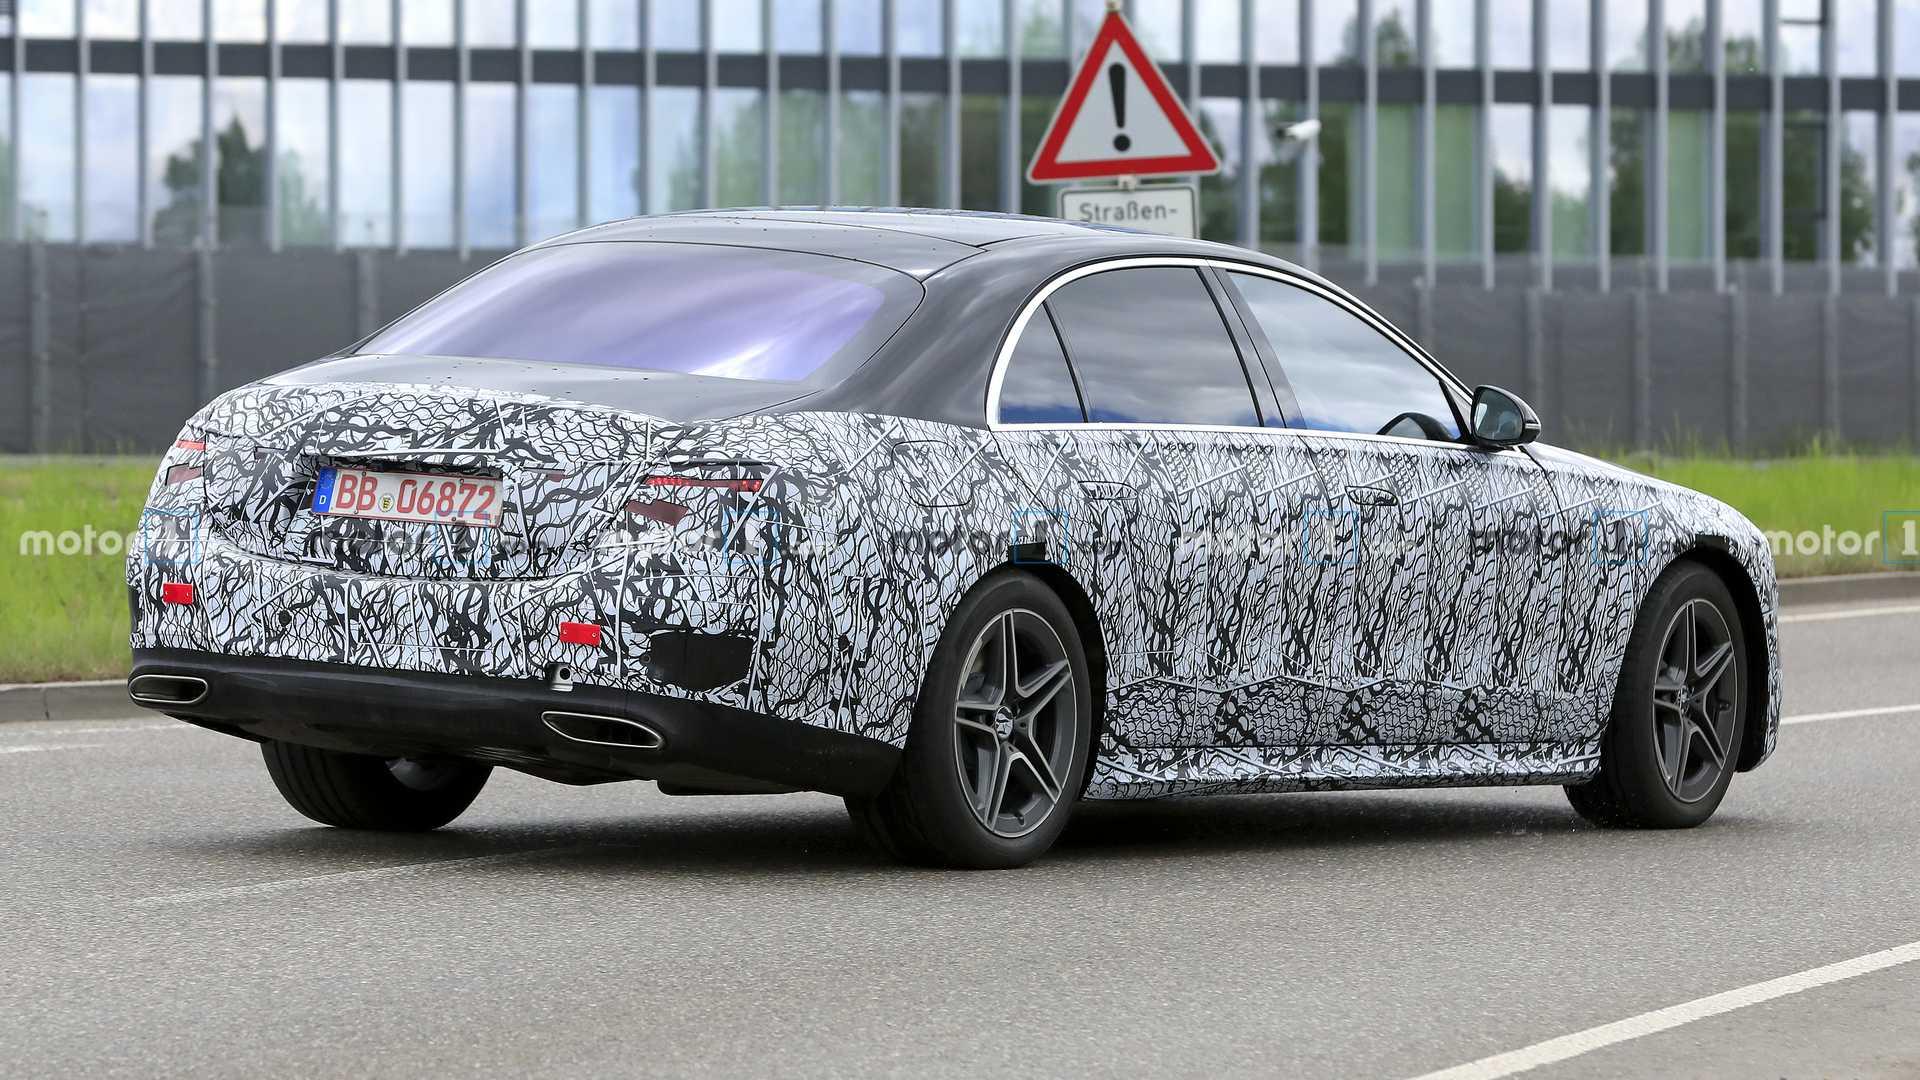 Is dit de nieuwe Mercedes-AMG S63? | Hartvoorautos.nl